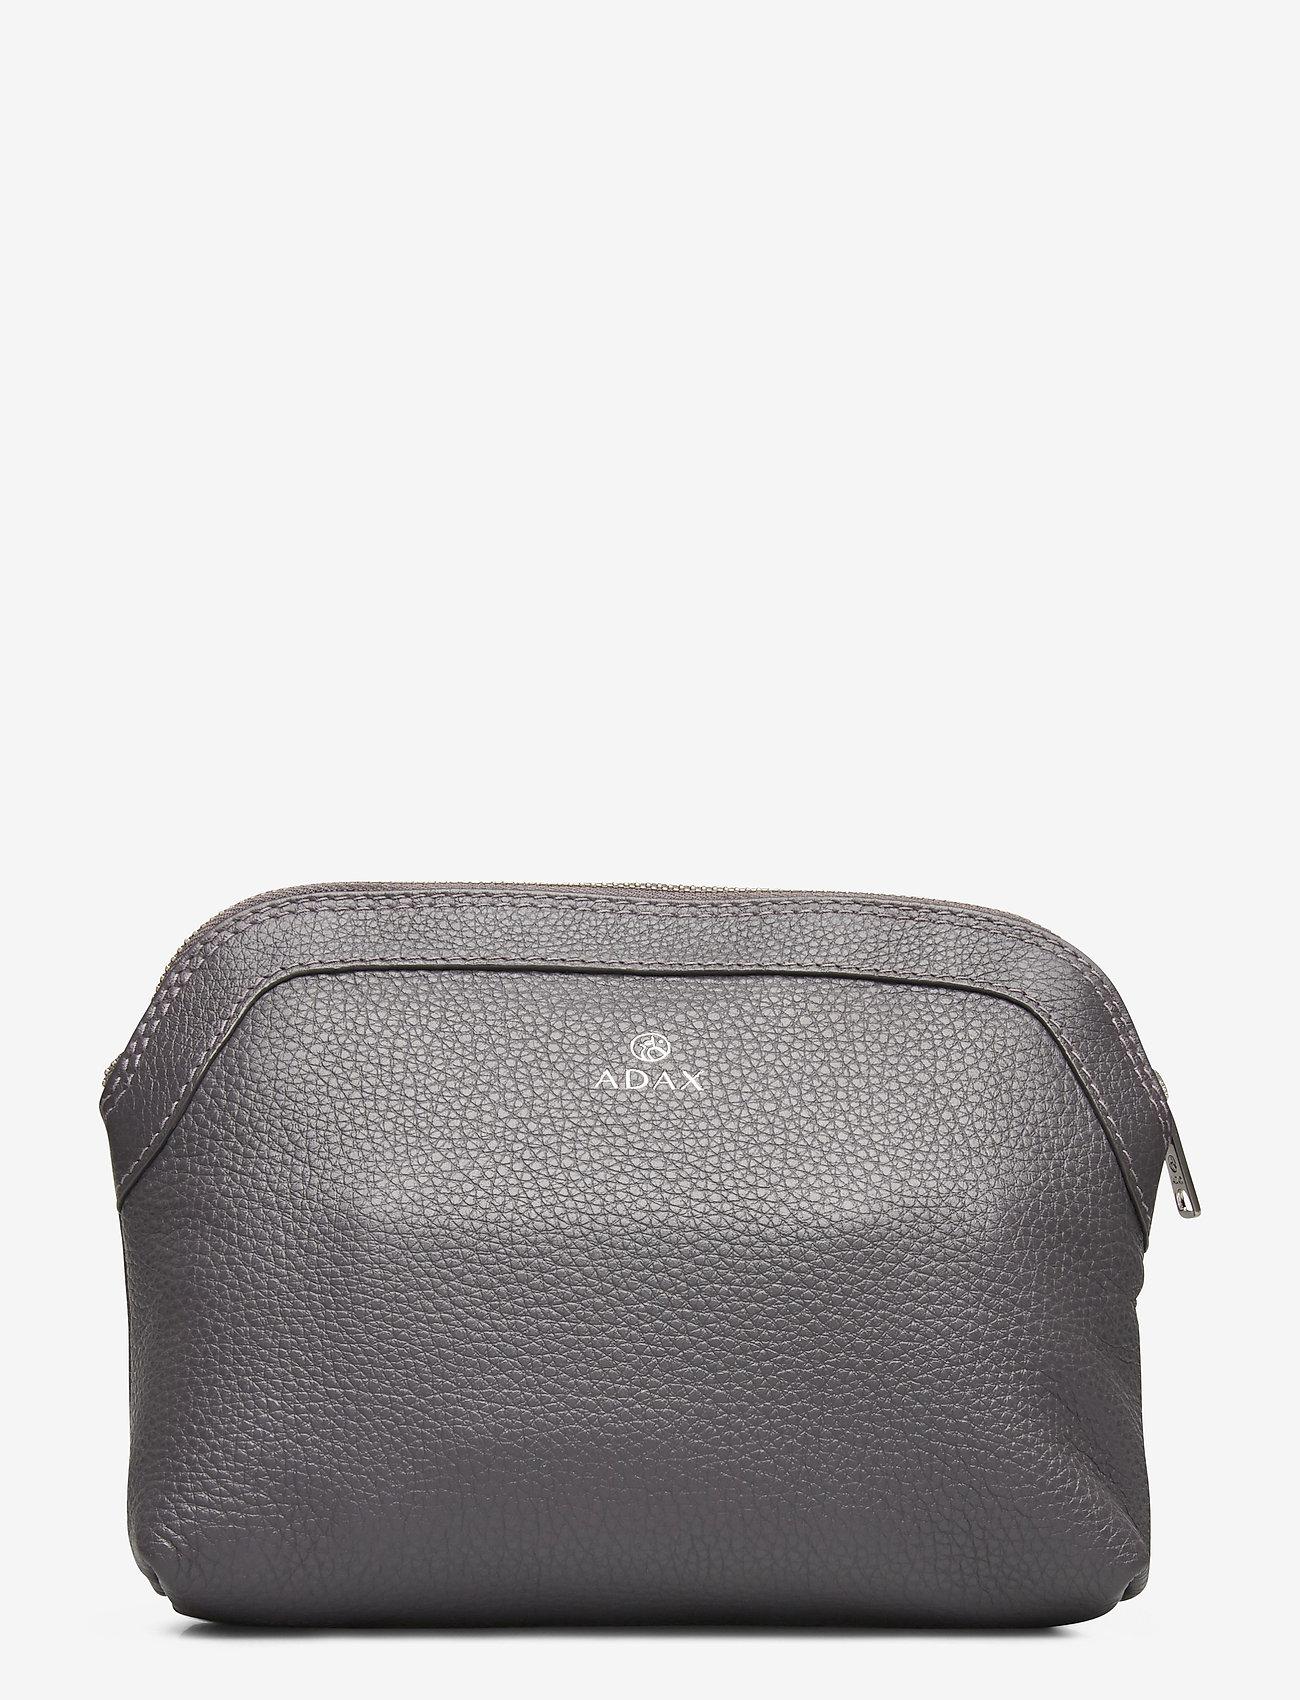 Adax - Cormorano cosmetic purse Aura - toilettassen - purple - 0